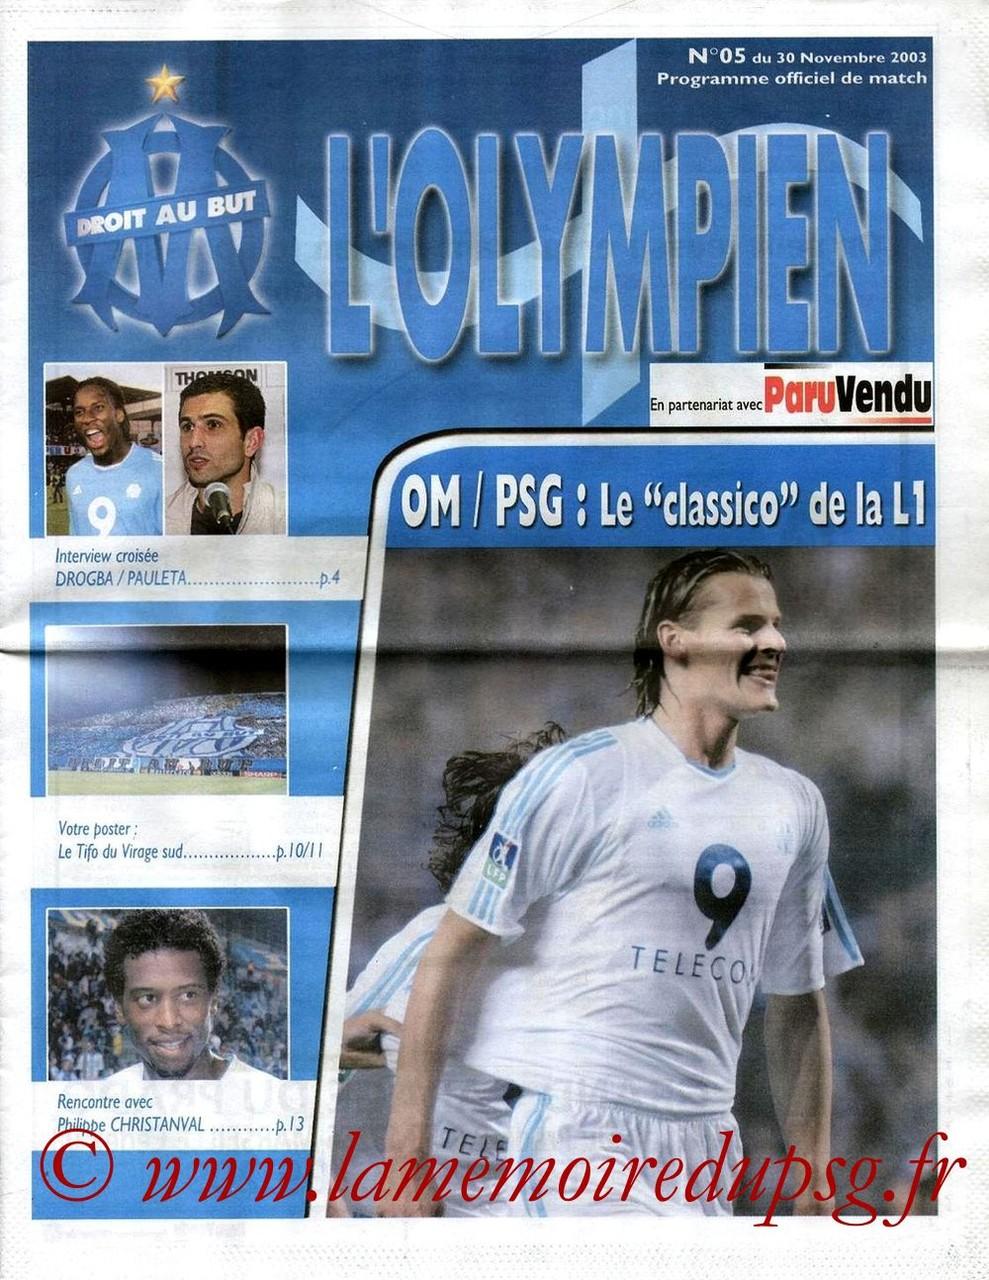 2003-11-30  Marseille-PSG (15ème L1, L'olympien N°5)